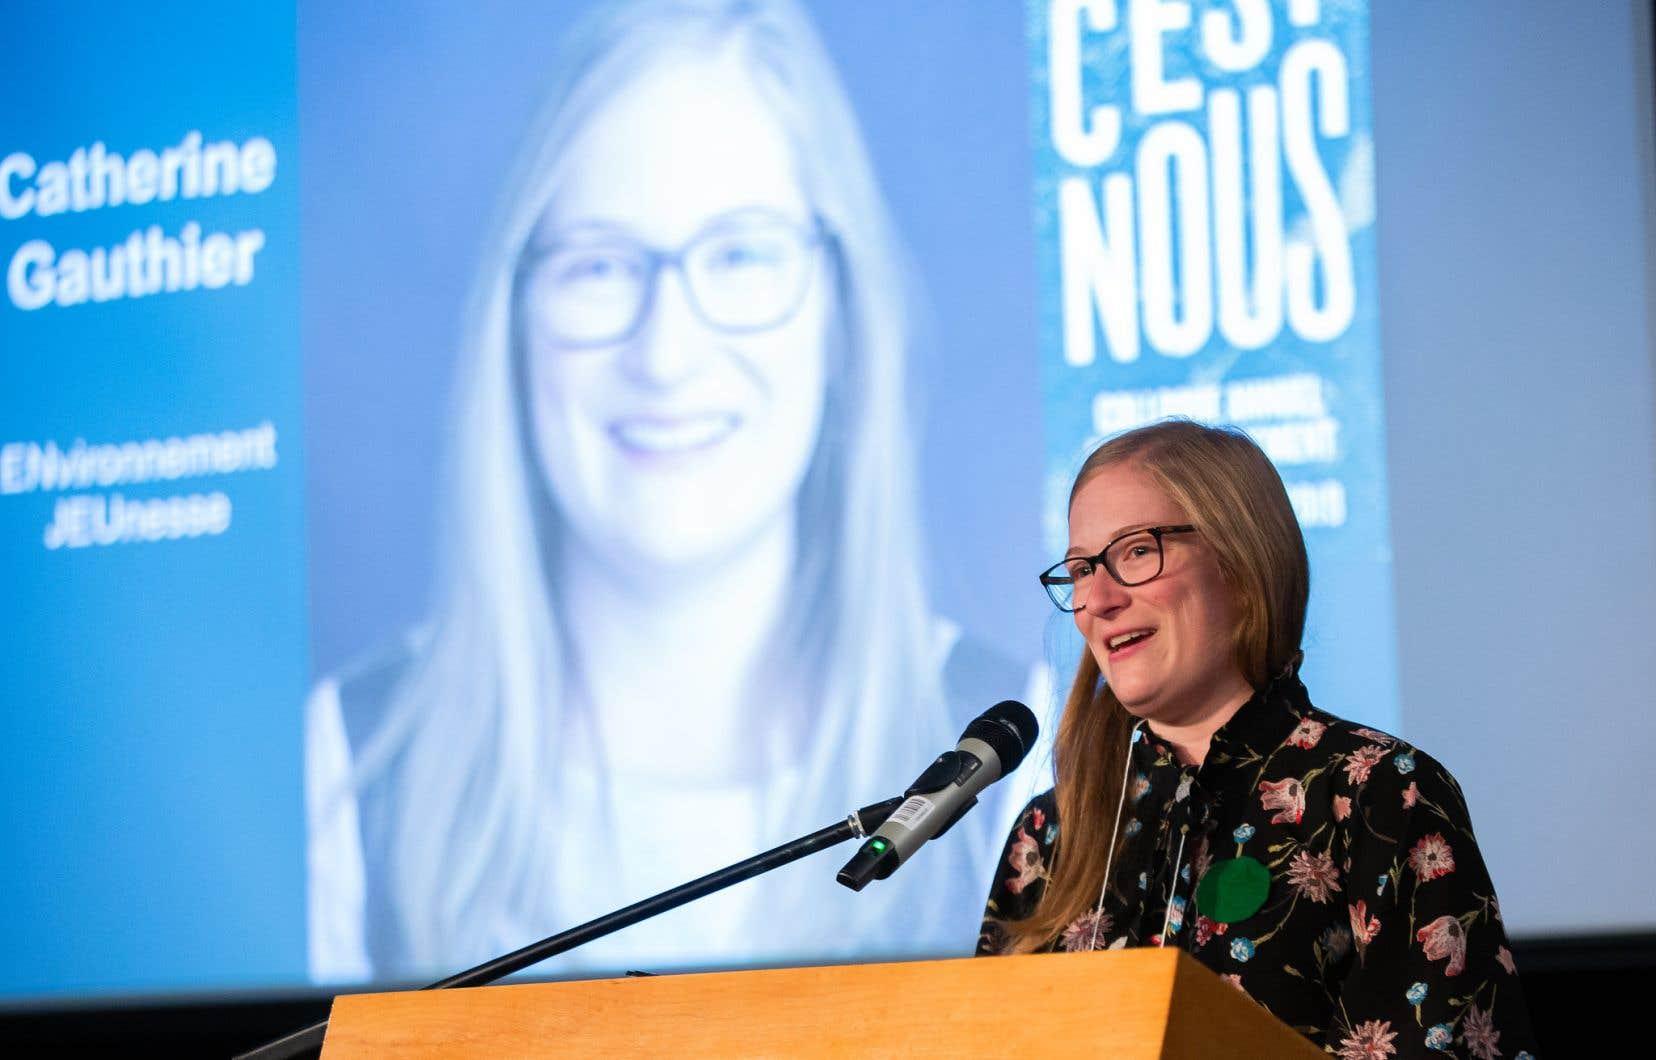 «Jusqu'à maintenant, le gouvernement canadien n'a jamais respecté ses engagements, il a toujours raté ses cibles de réduction des gaz à effet de serre et son objectif actuel est inadéquat», répond Catherine Gauthier.